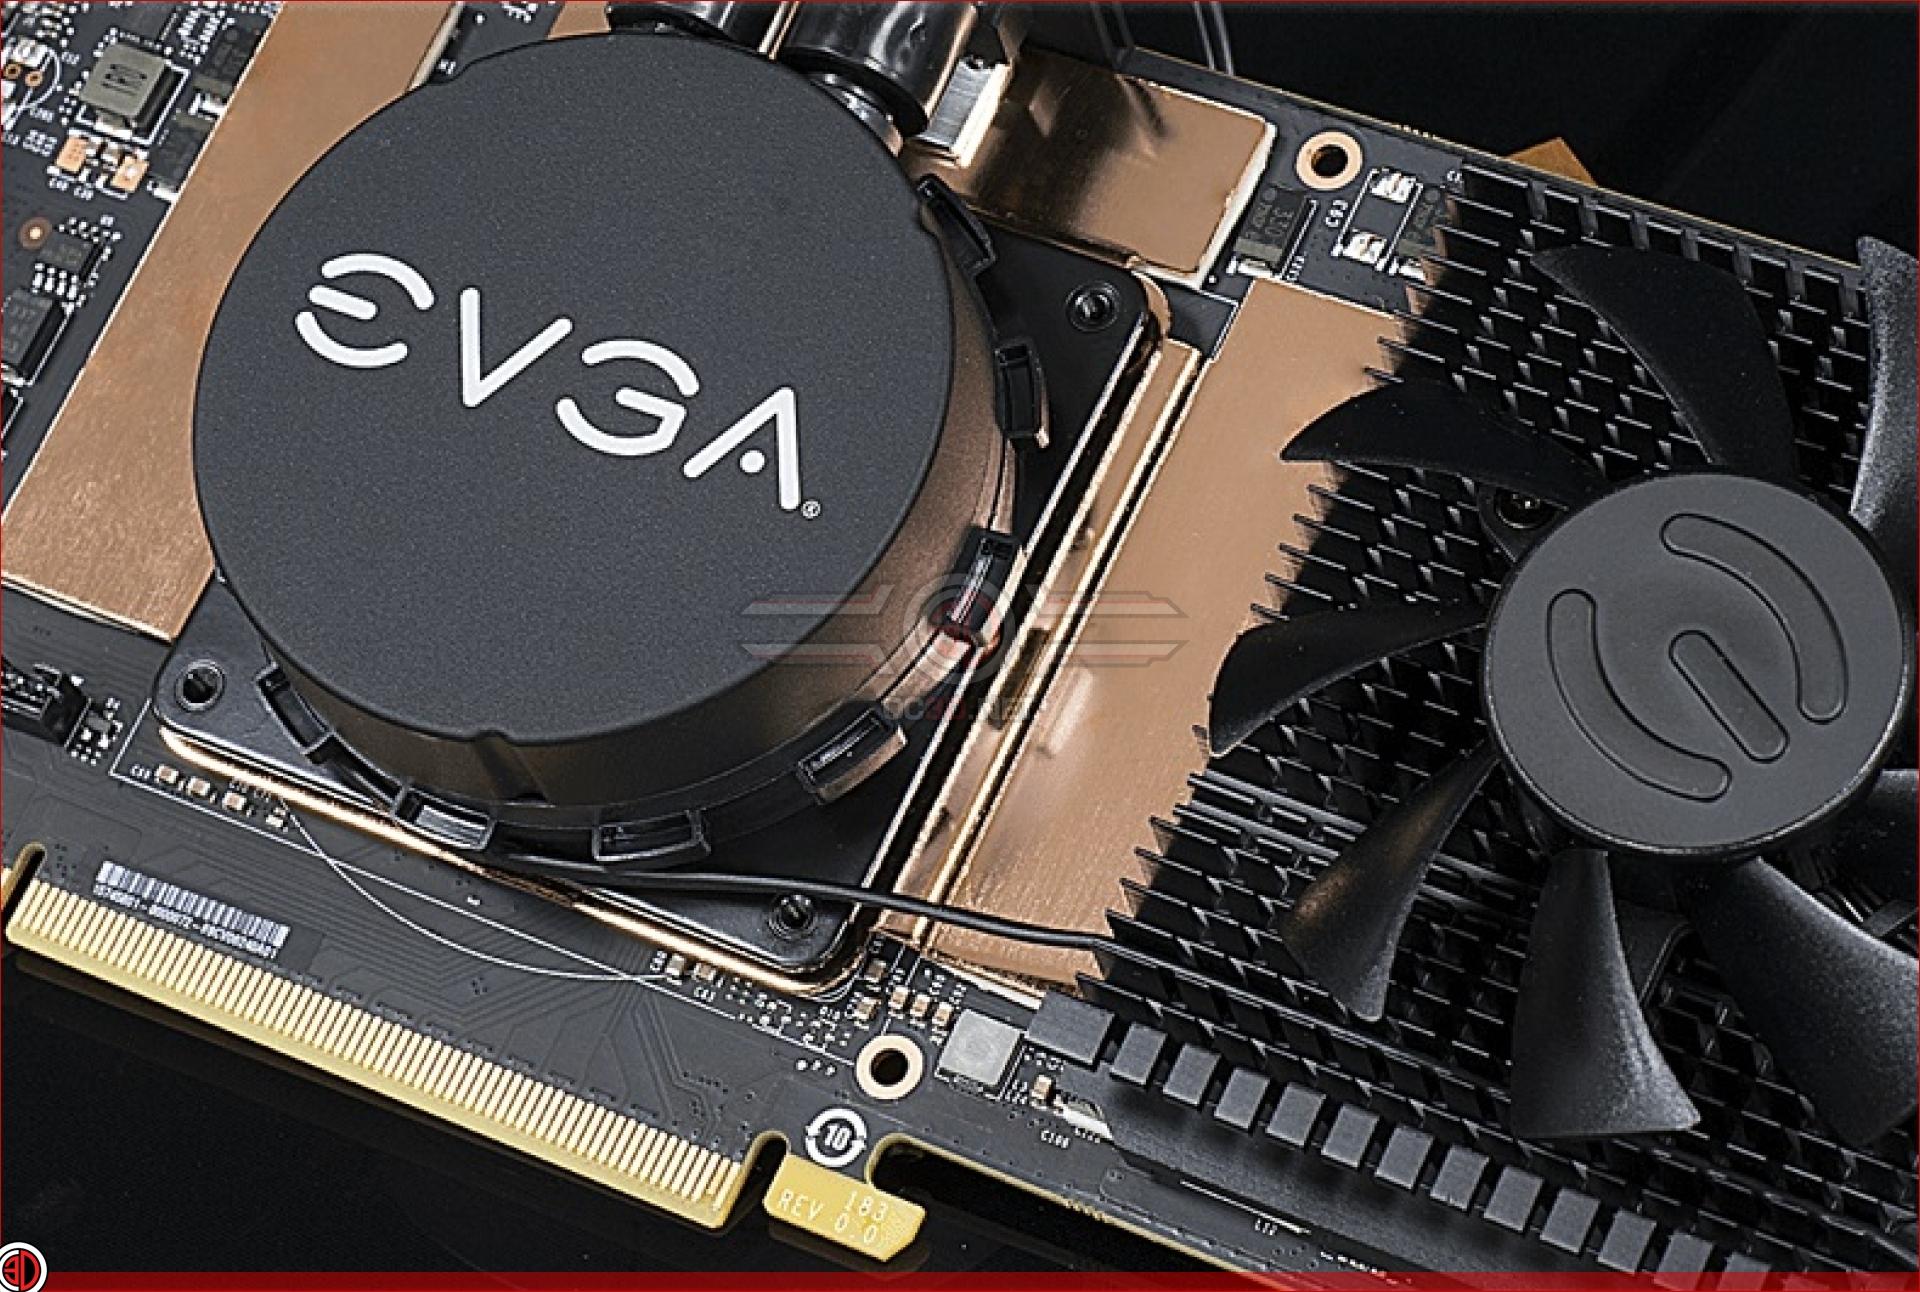 Evga Gtx 1080 Ti Ftw3 Hybrid Rushkit What Do You Think